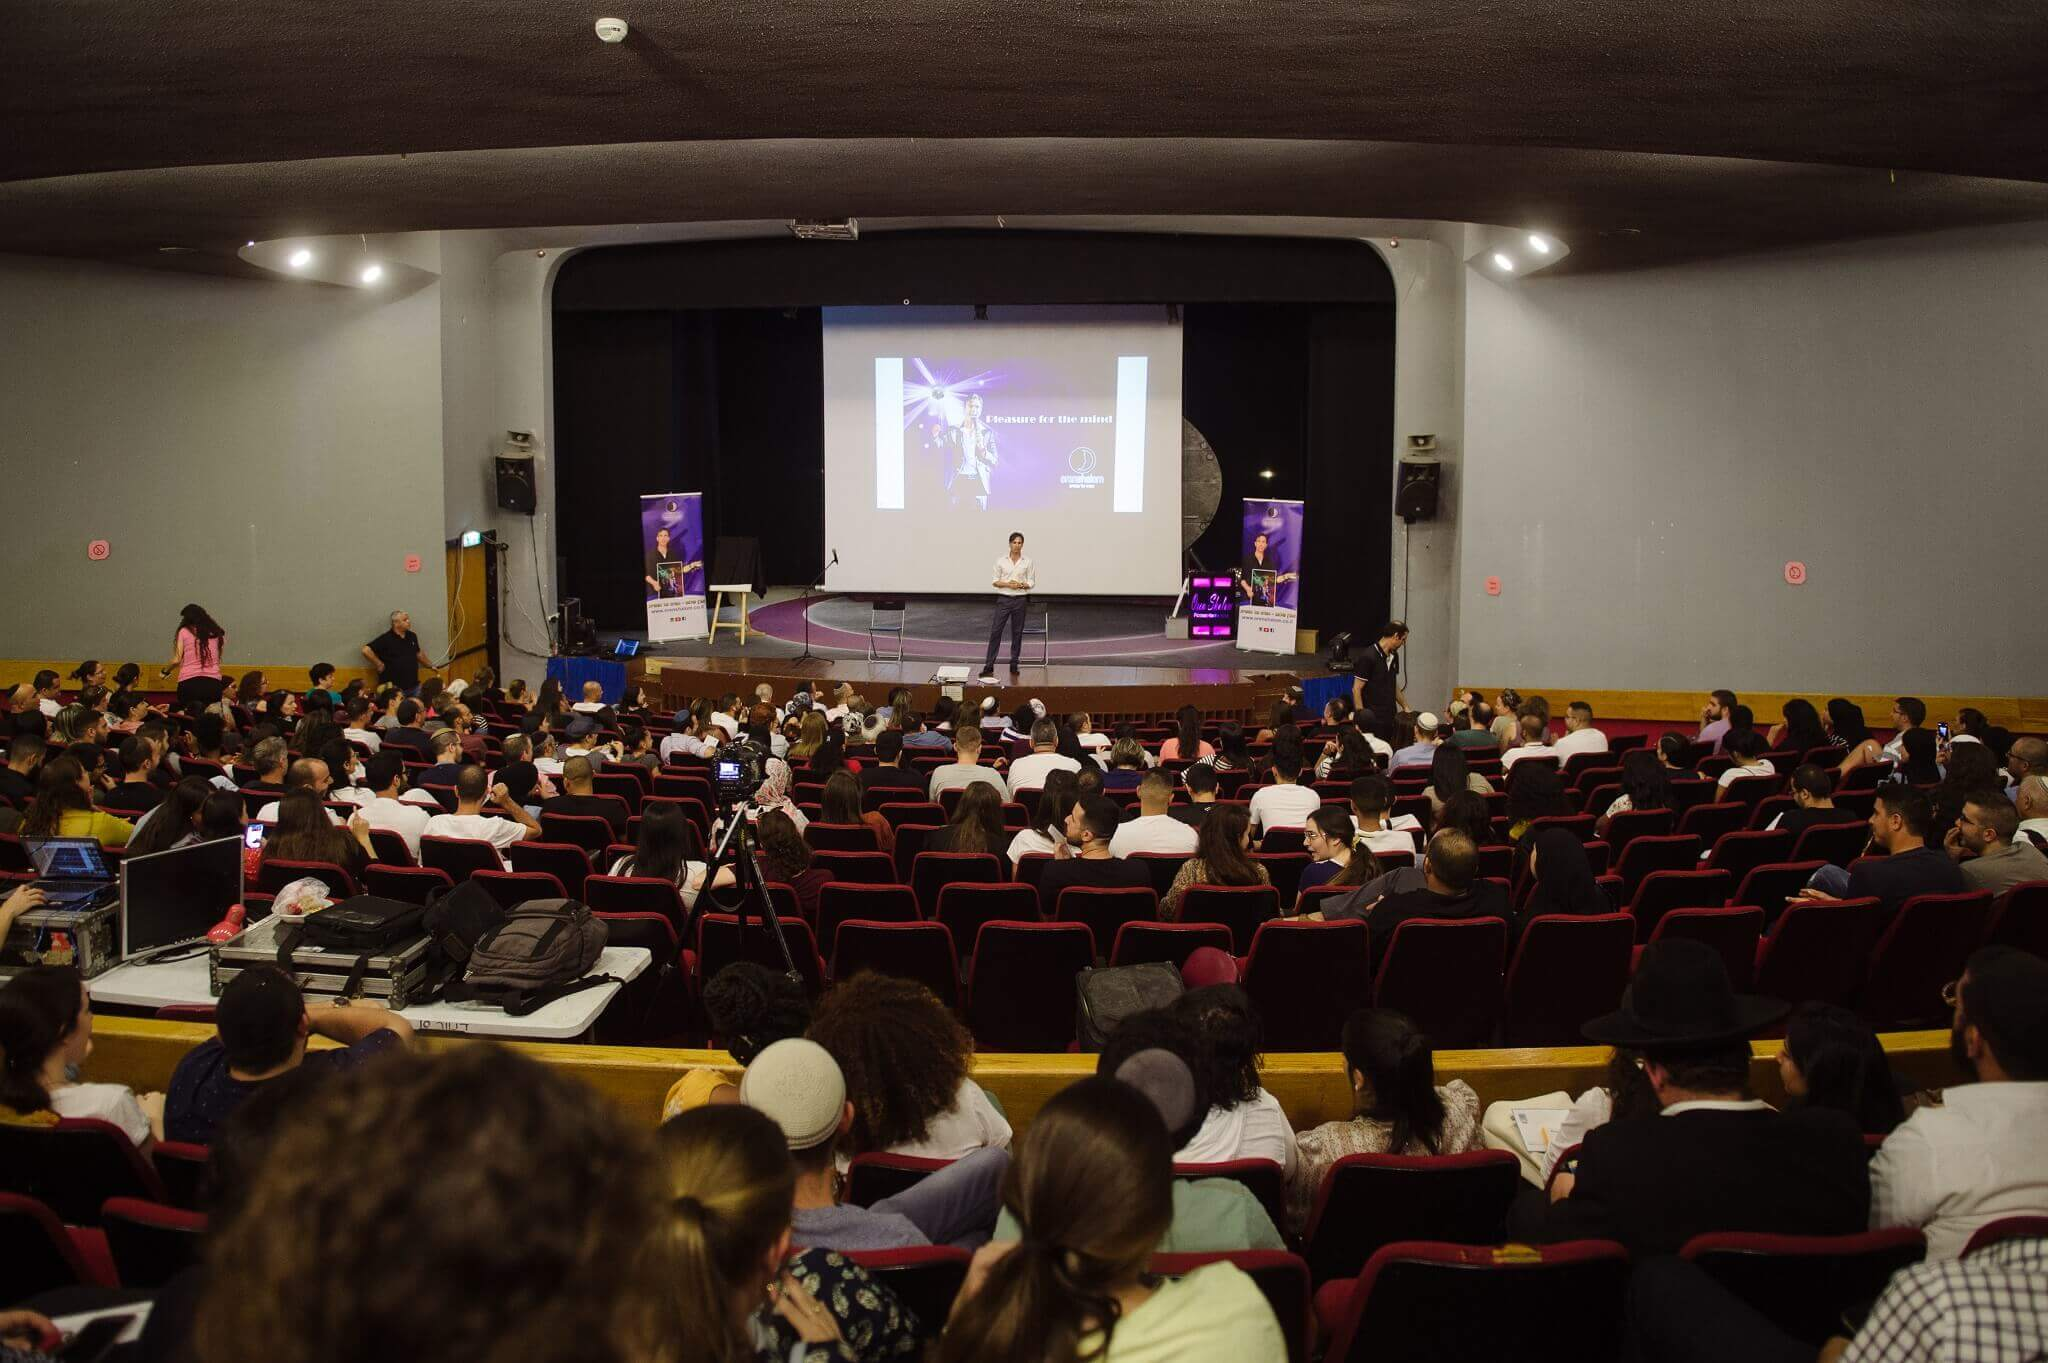 היכל תרבות לוד 29 - תמונה יפה עם כל הקהל